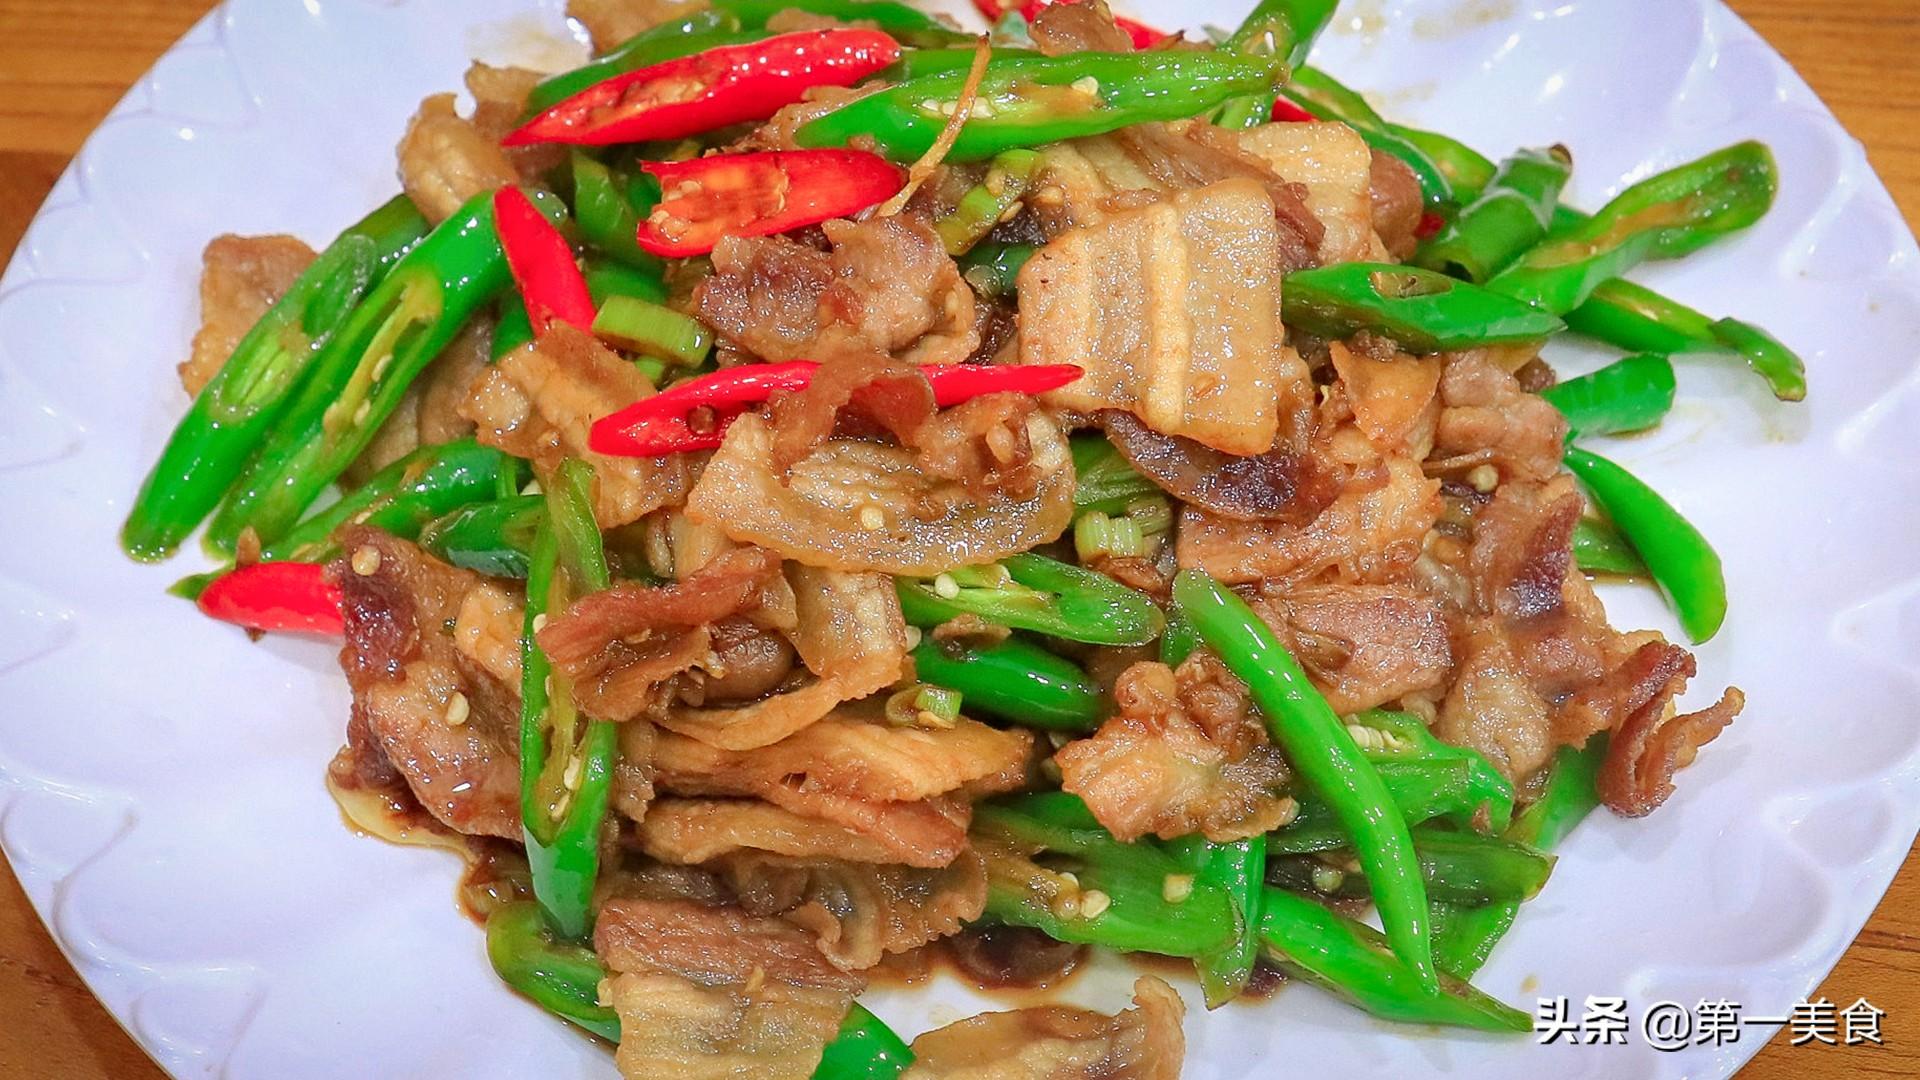 【小炒肉】做法步骤图 肉片焦香不油腻 香辣下饭